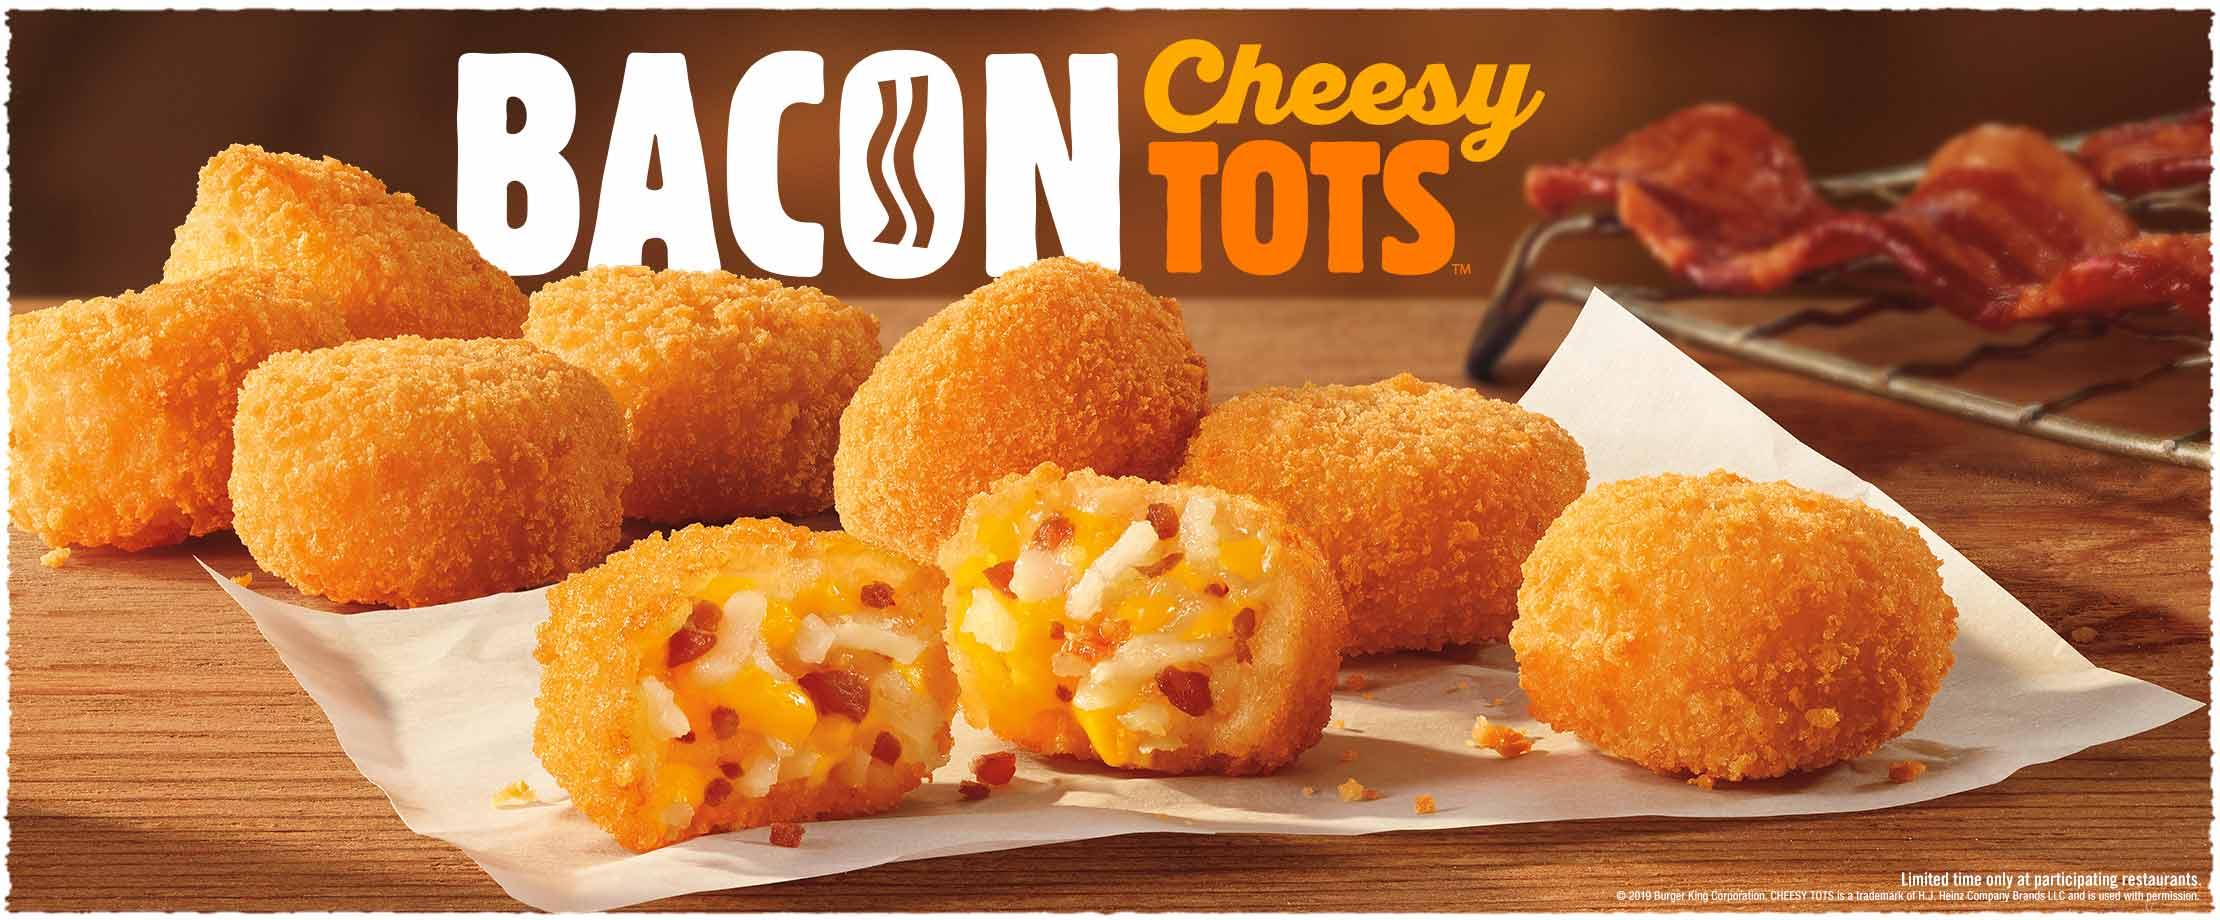 Bacon Cheesy Tots